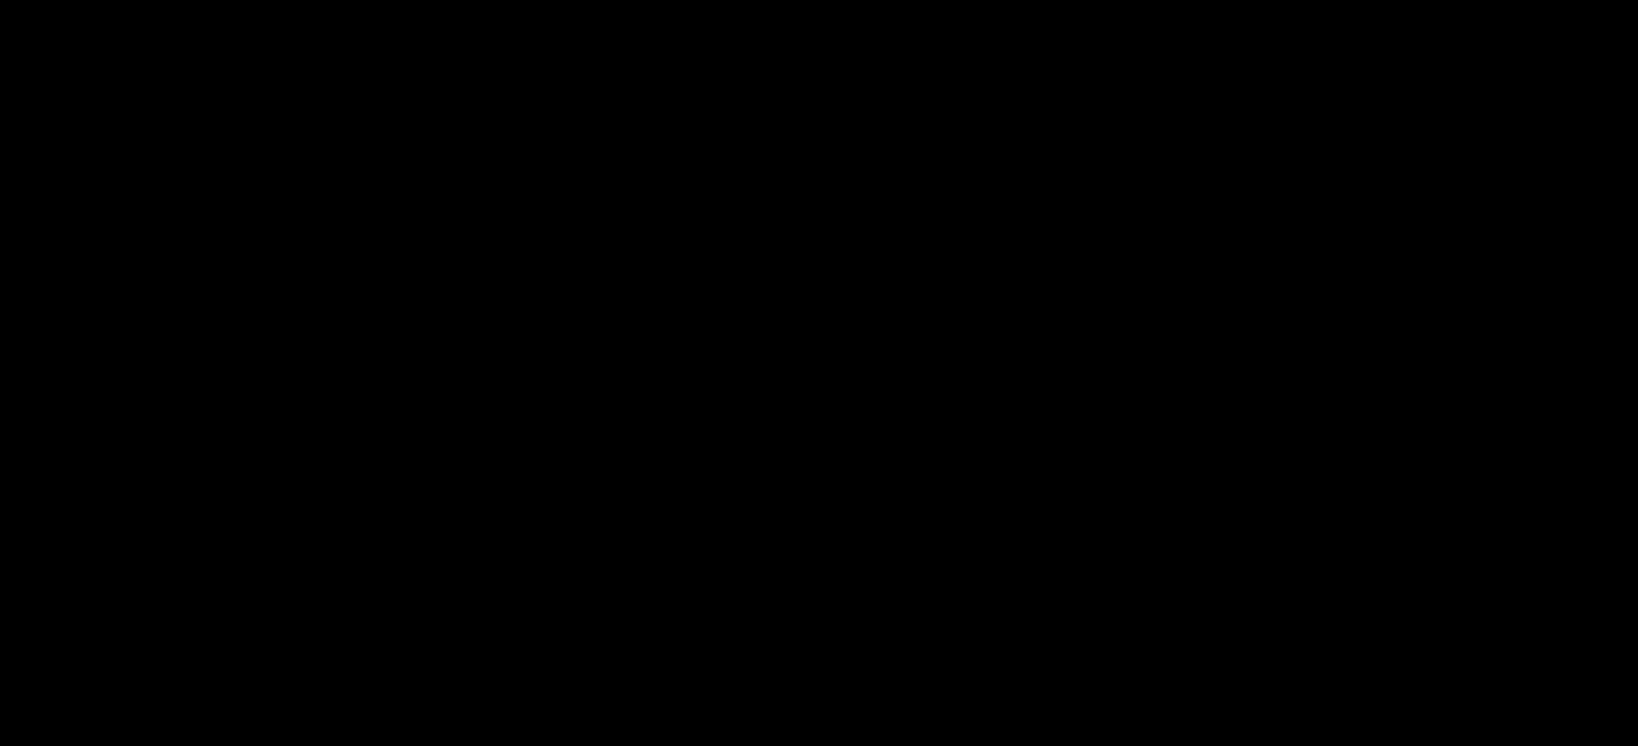 N-p-Coumaroyl-4,5-dihydroxyanthranilic acid